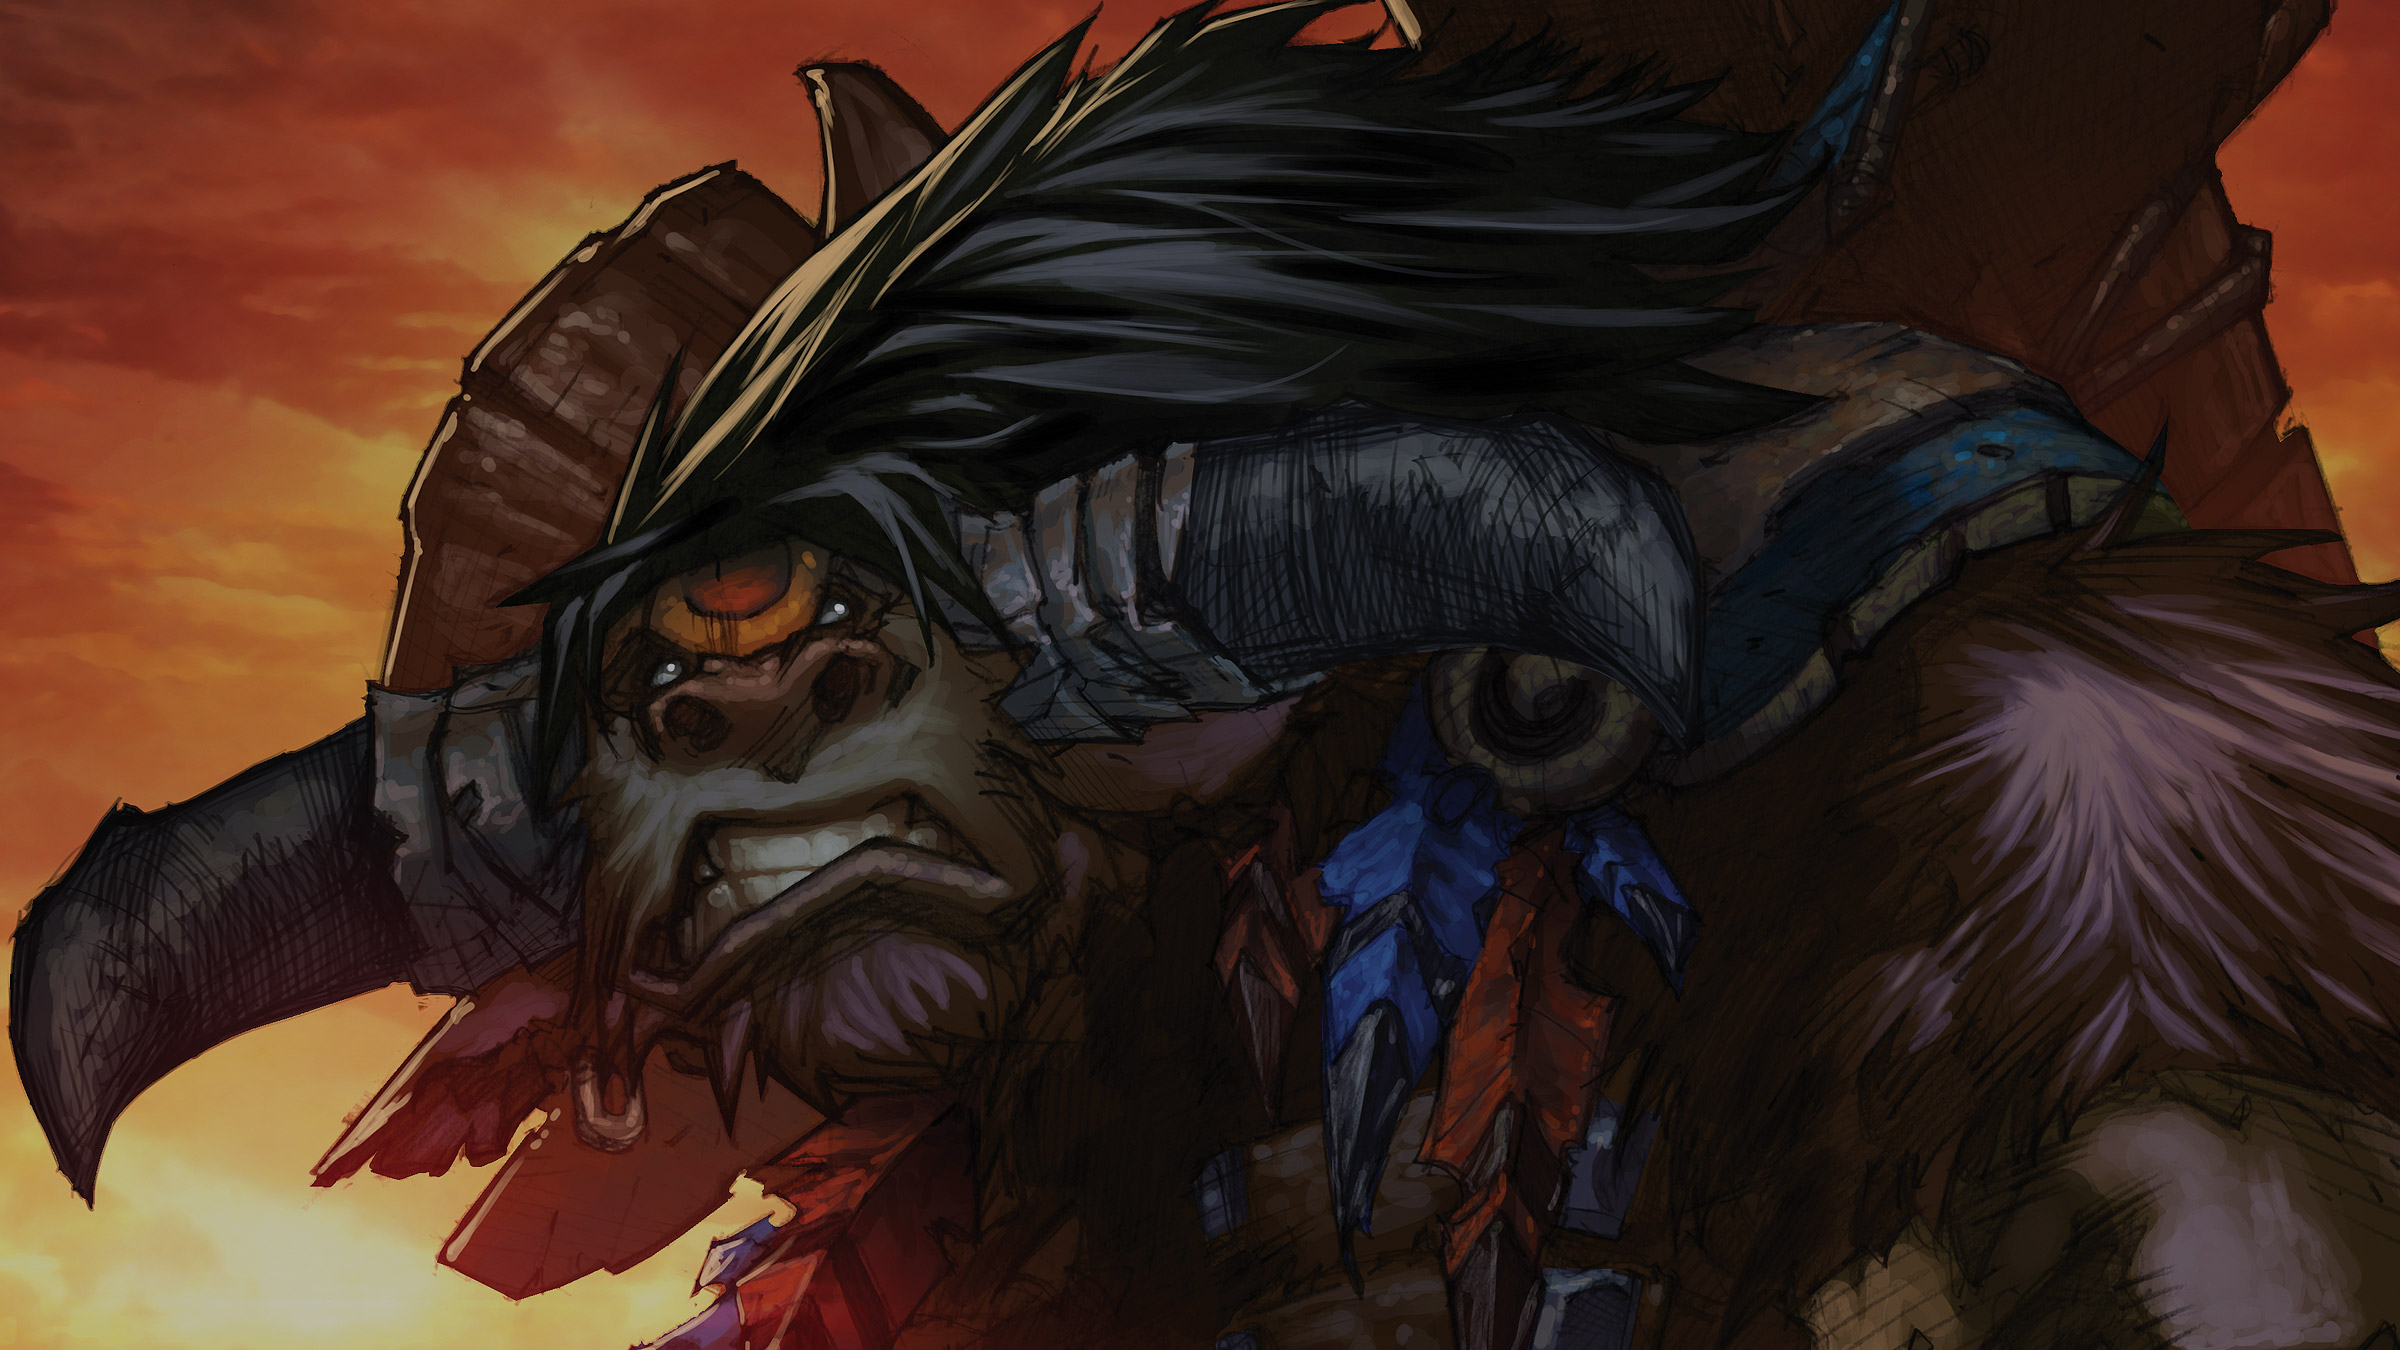 Baine Casco Sangrento - Como Nossos Pais   World of WarCraft, WarCraft, wow, azeroth, lore